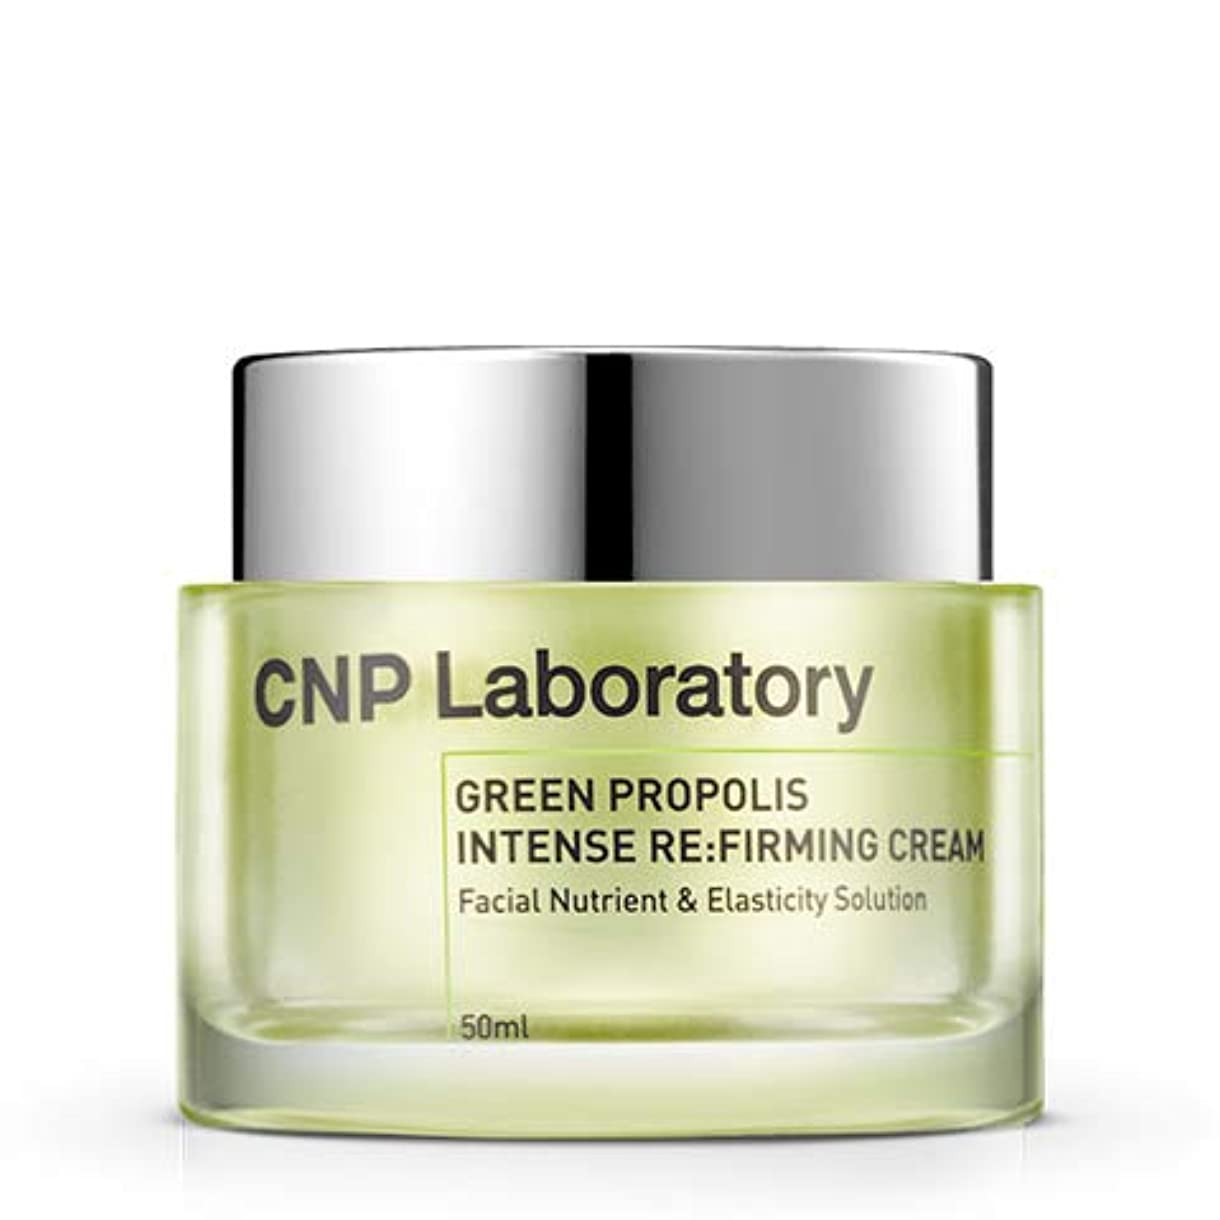 大腿プロフィール散歩に行くCNP Laboratory グリーンプロポリスインテンス再:ファーミングクリーム/Green Propolis Intense Re:Firming Cream 50ml [並行輸入品]